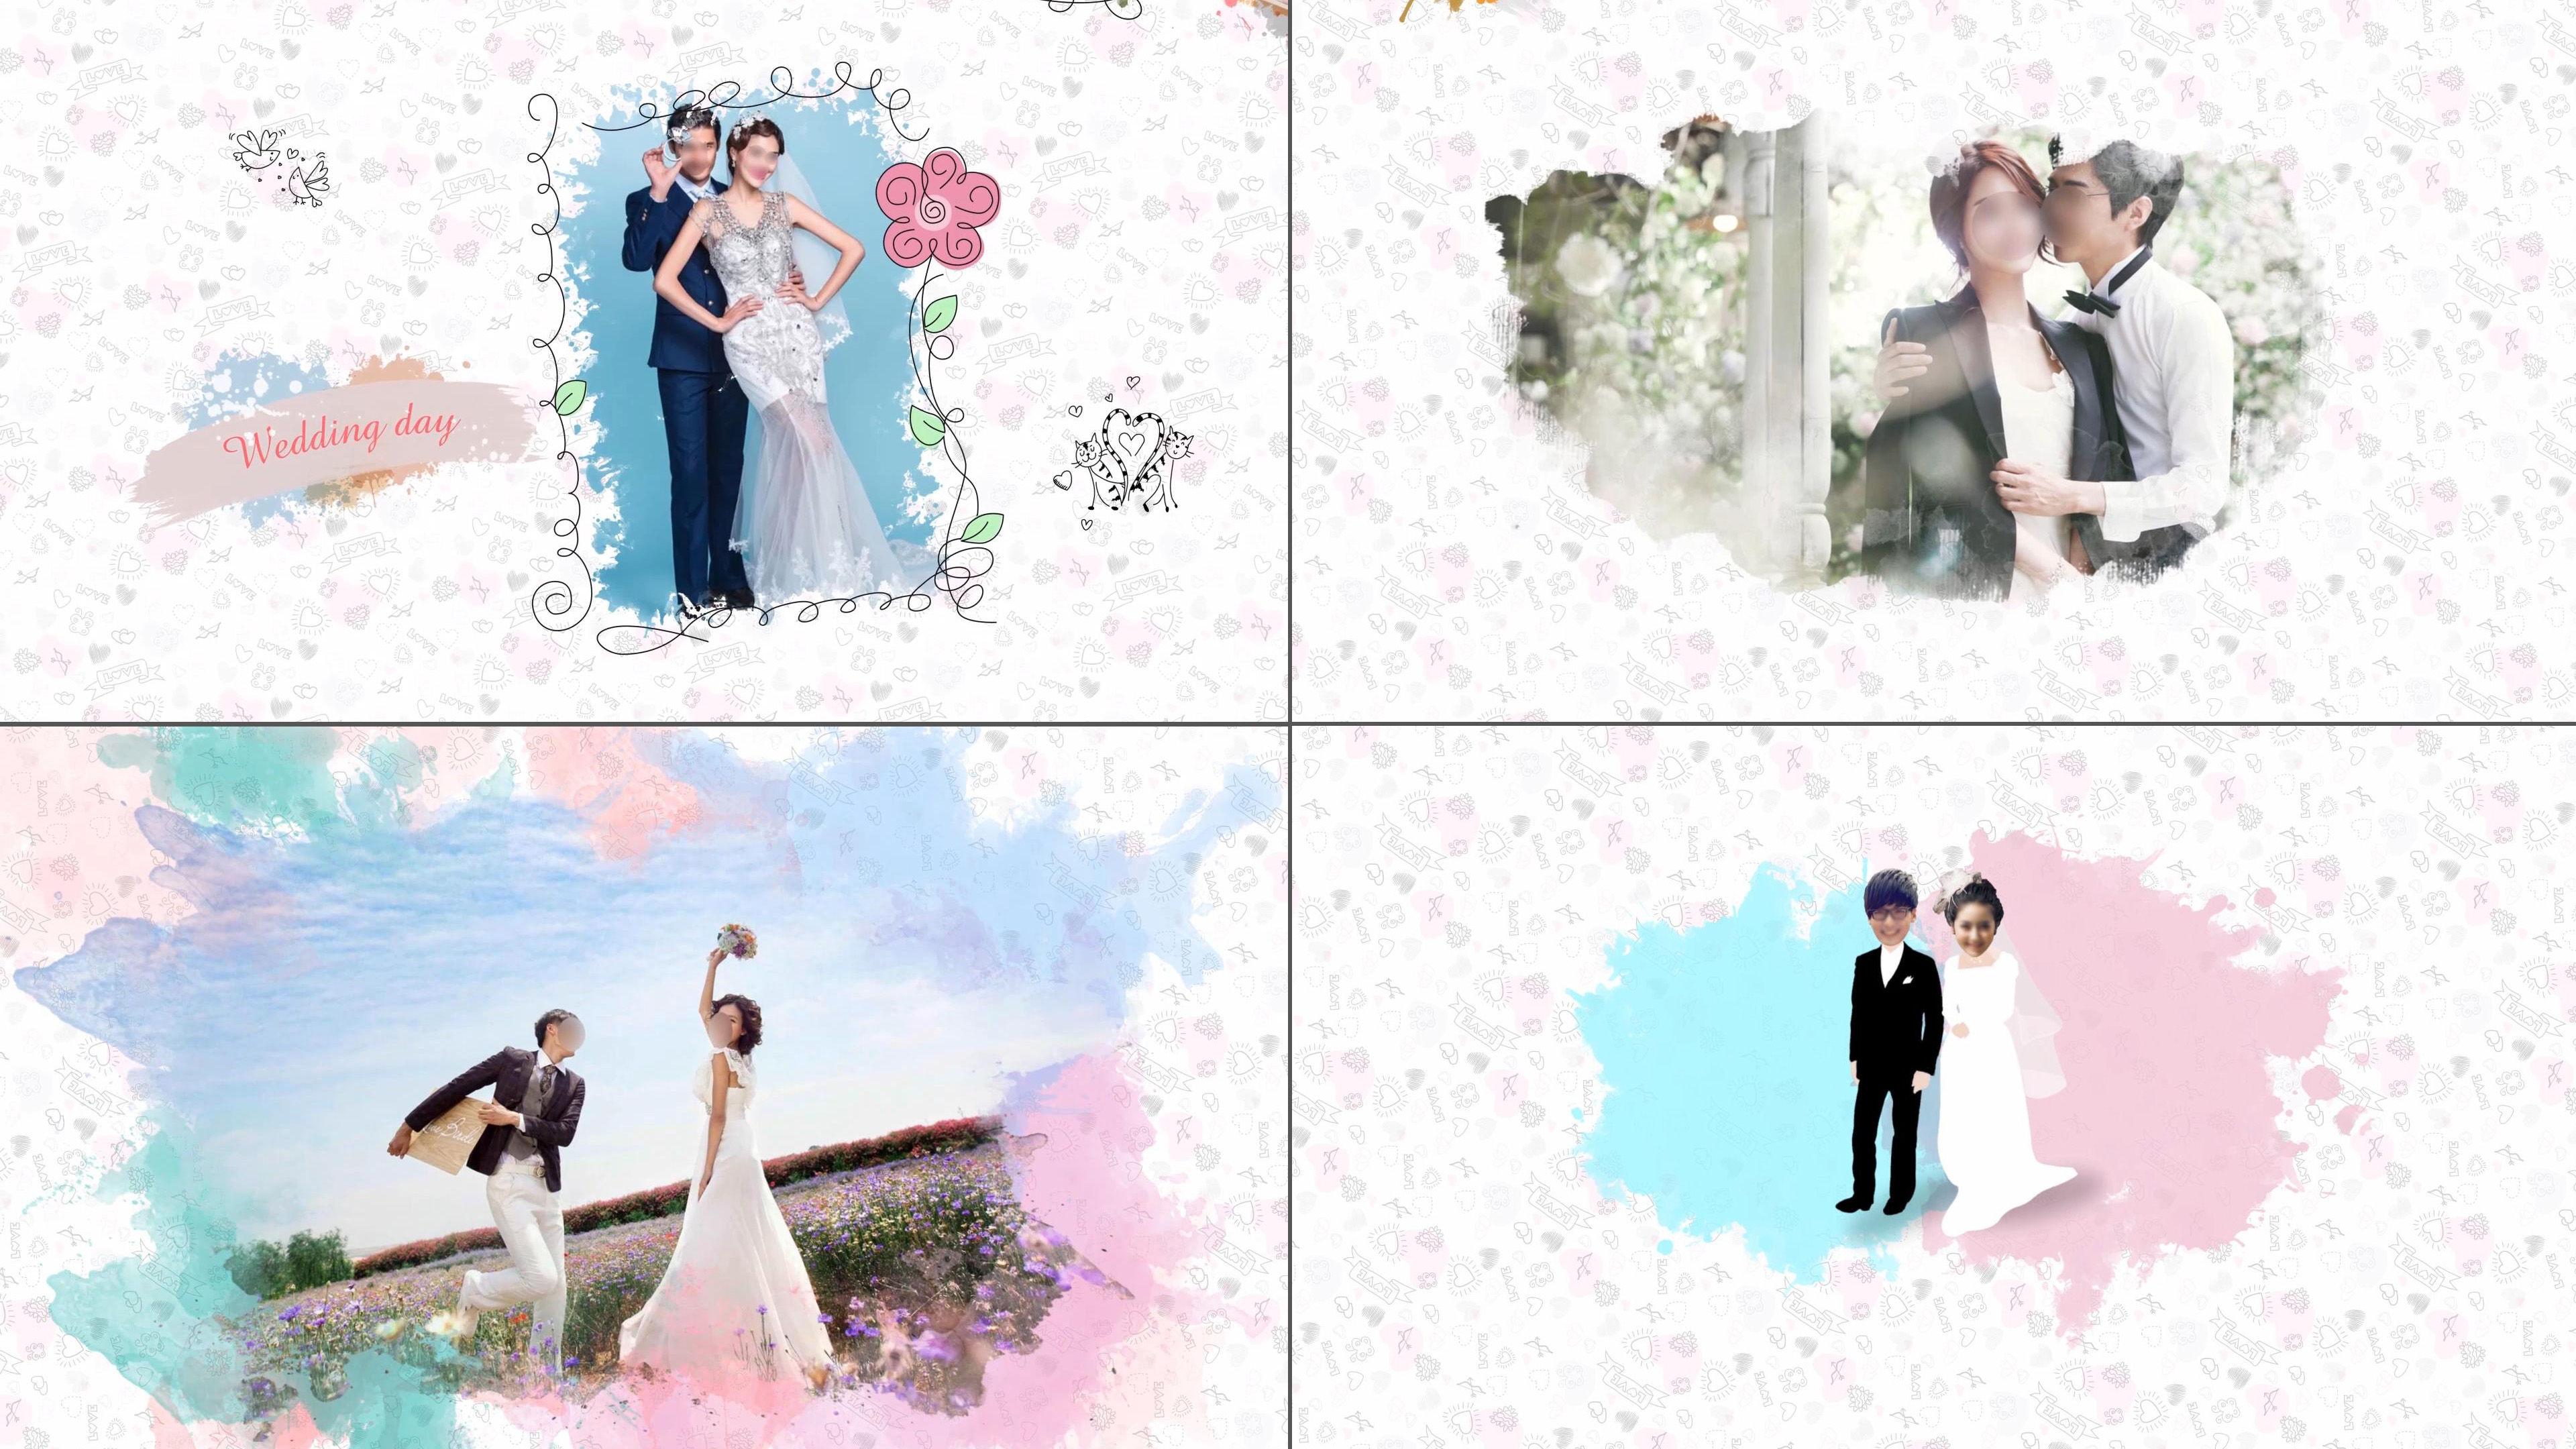 可爱卡通手绘线条简笔画水彩水墨风婚礼视频